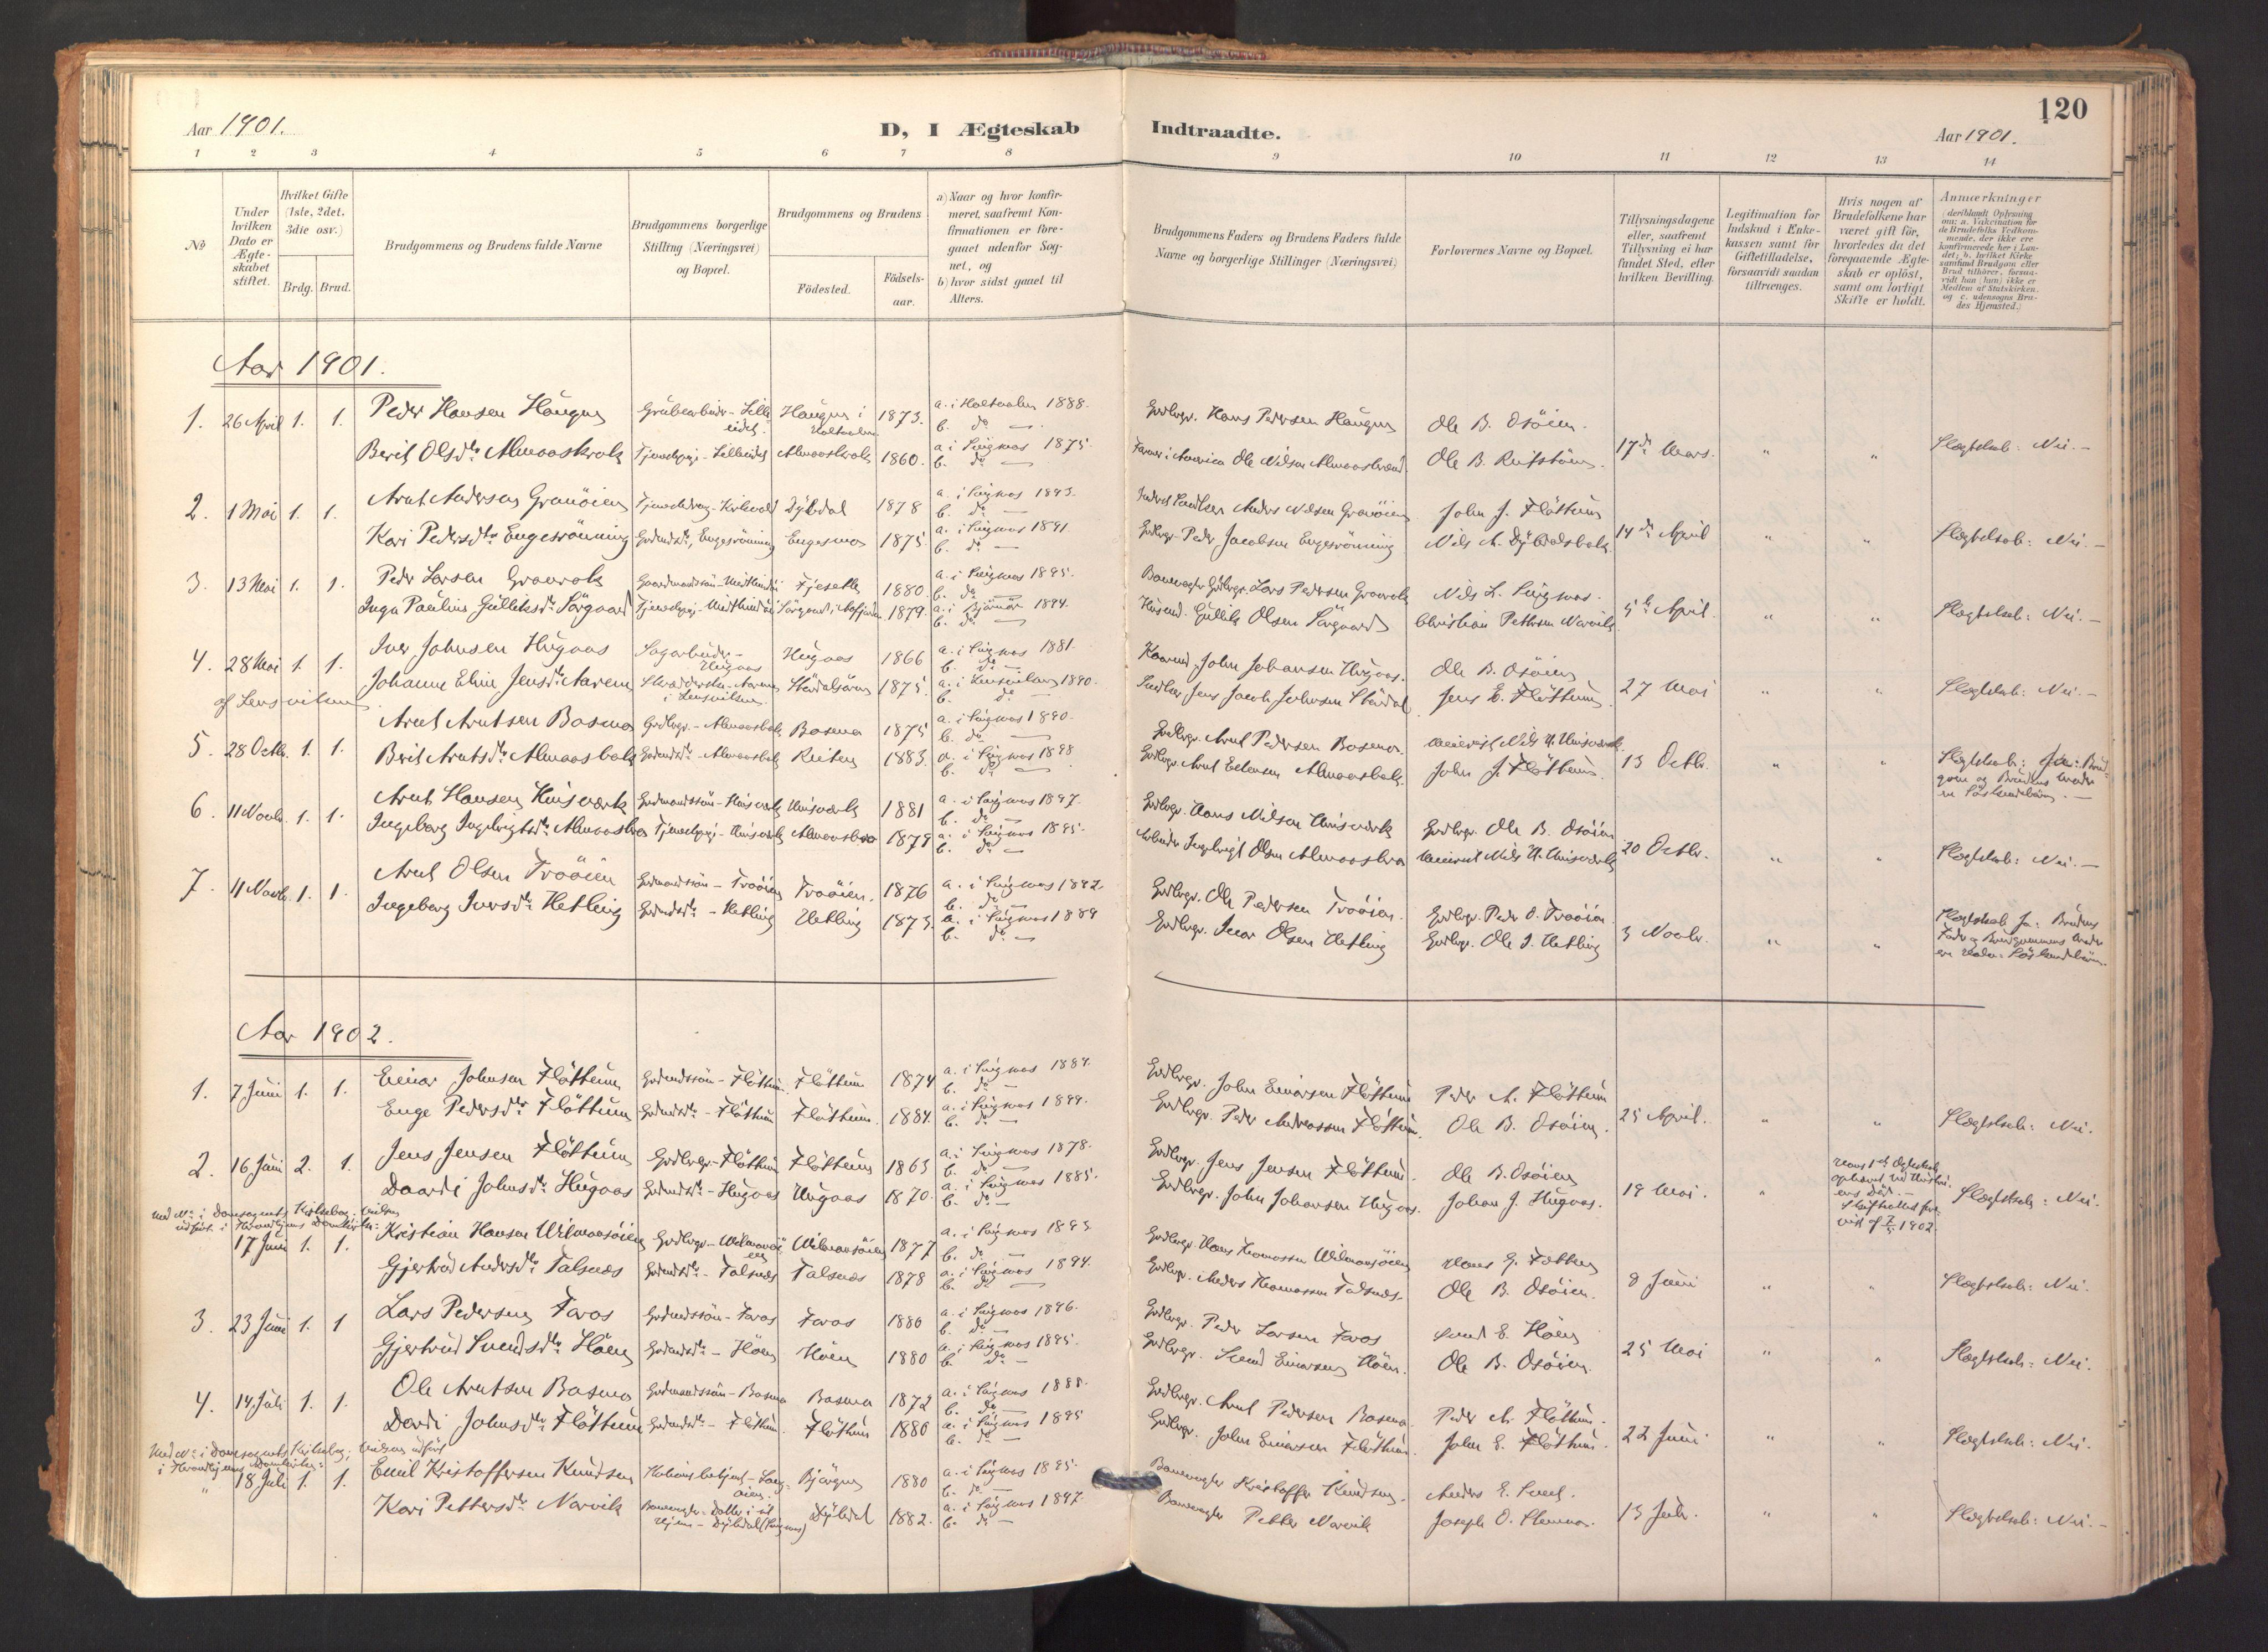 SAT, Ministerialprotokoller, klokkerbøker og fødselsregistre - Sør-Trøndelag, 688/L1025: Ministerialbok nr. 688A02, 1891-1909, s. 120